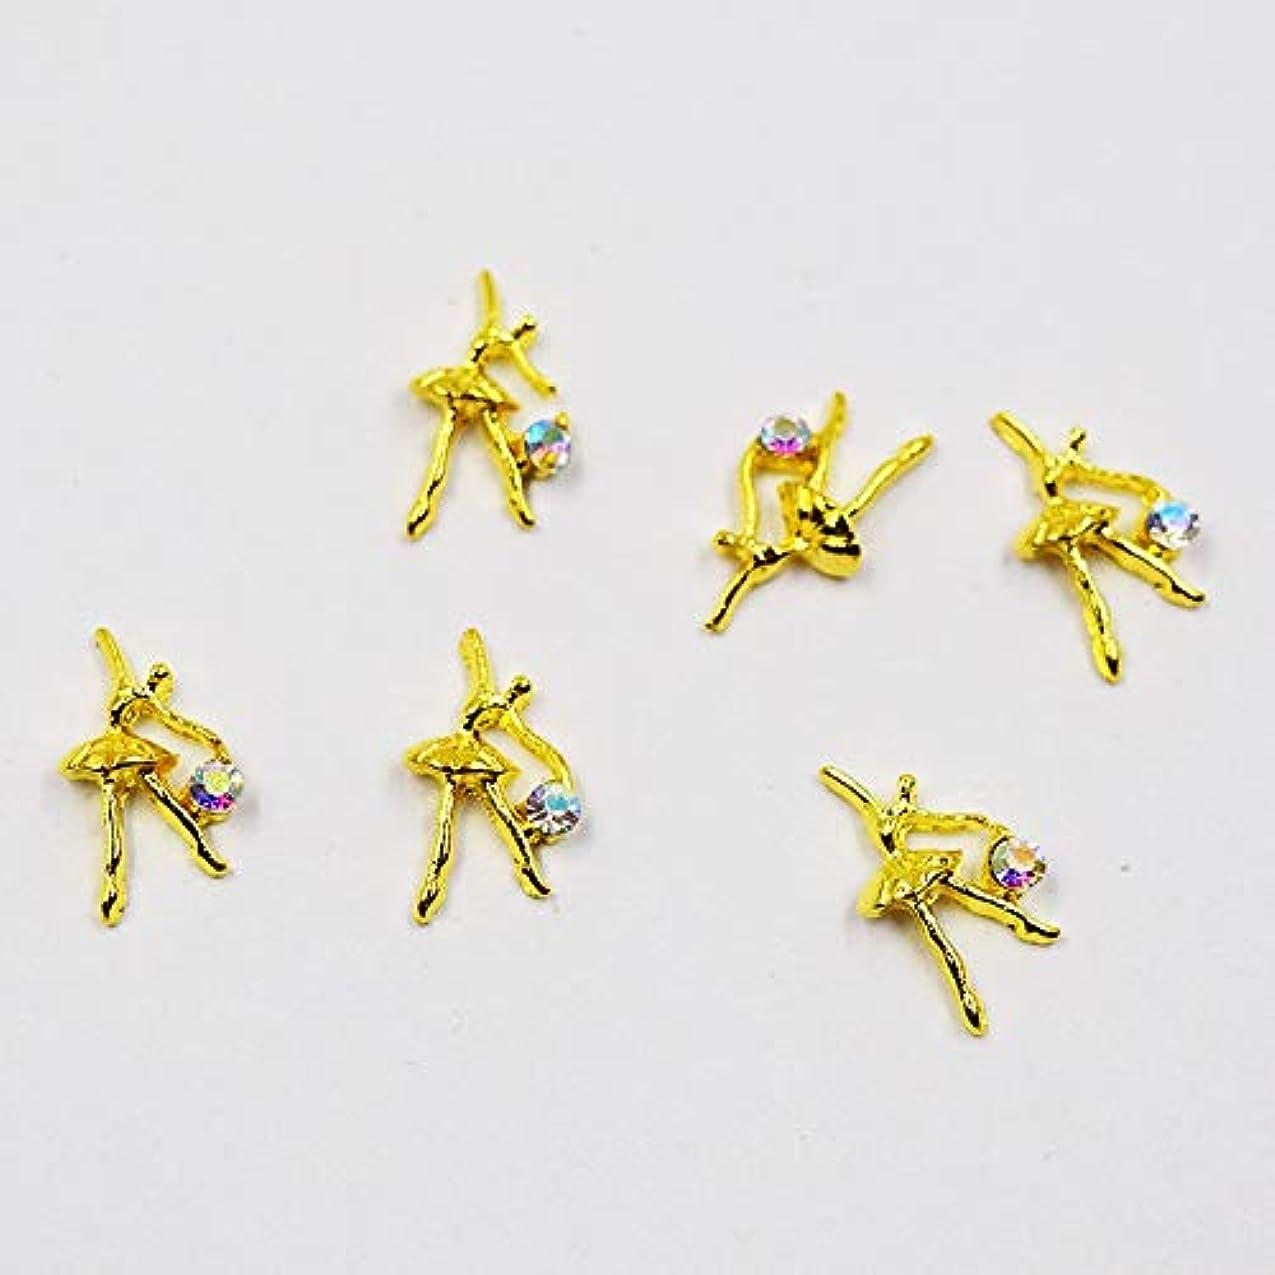 カルシウムアスリート貴重なマニキュアの色宝石デザインネイルアクセサリーツールのための10pcsの3Dネイルジュエリーデコレーションネイルズアートグリッターラインストーン